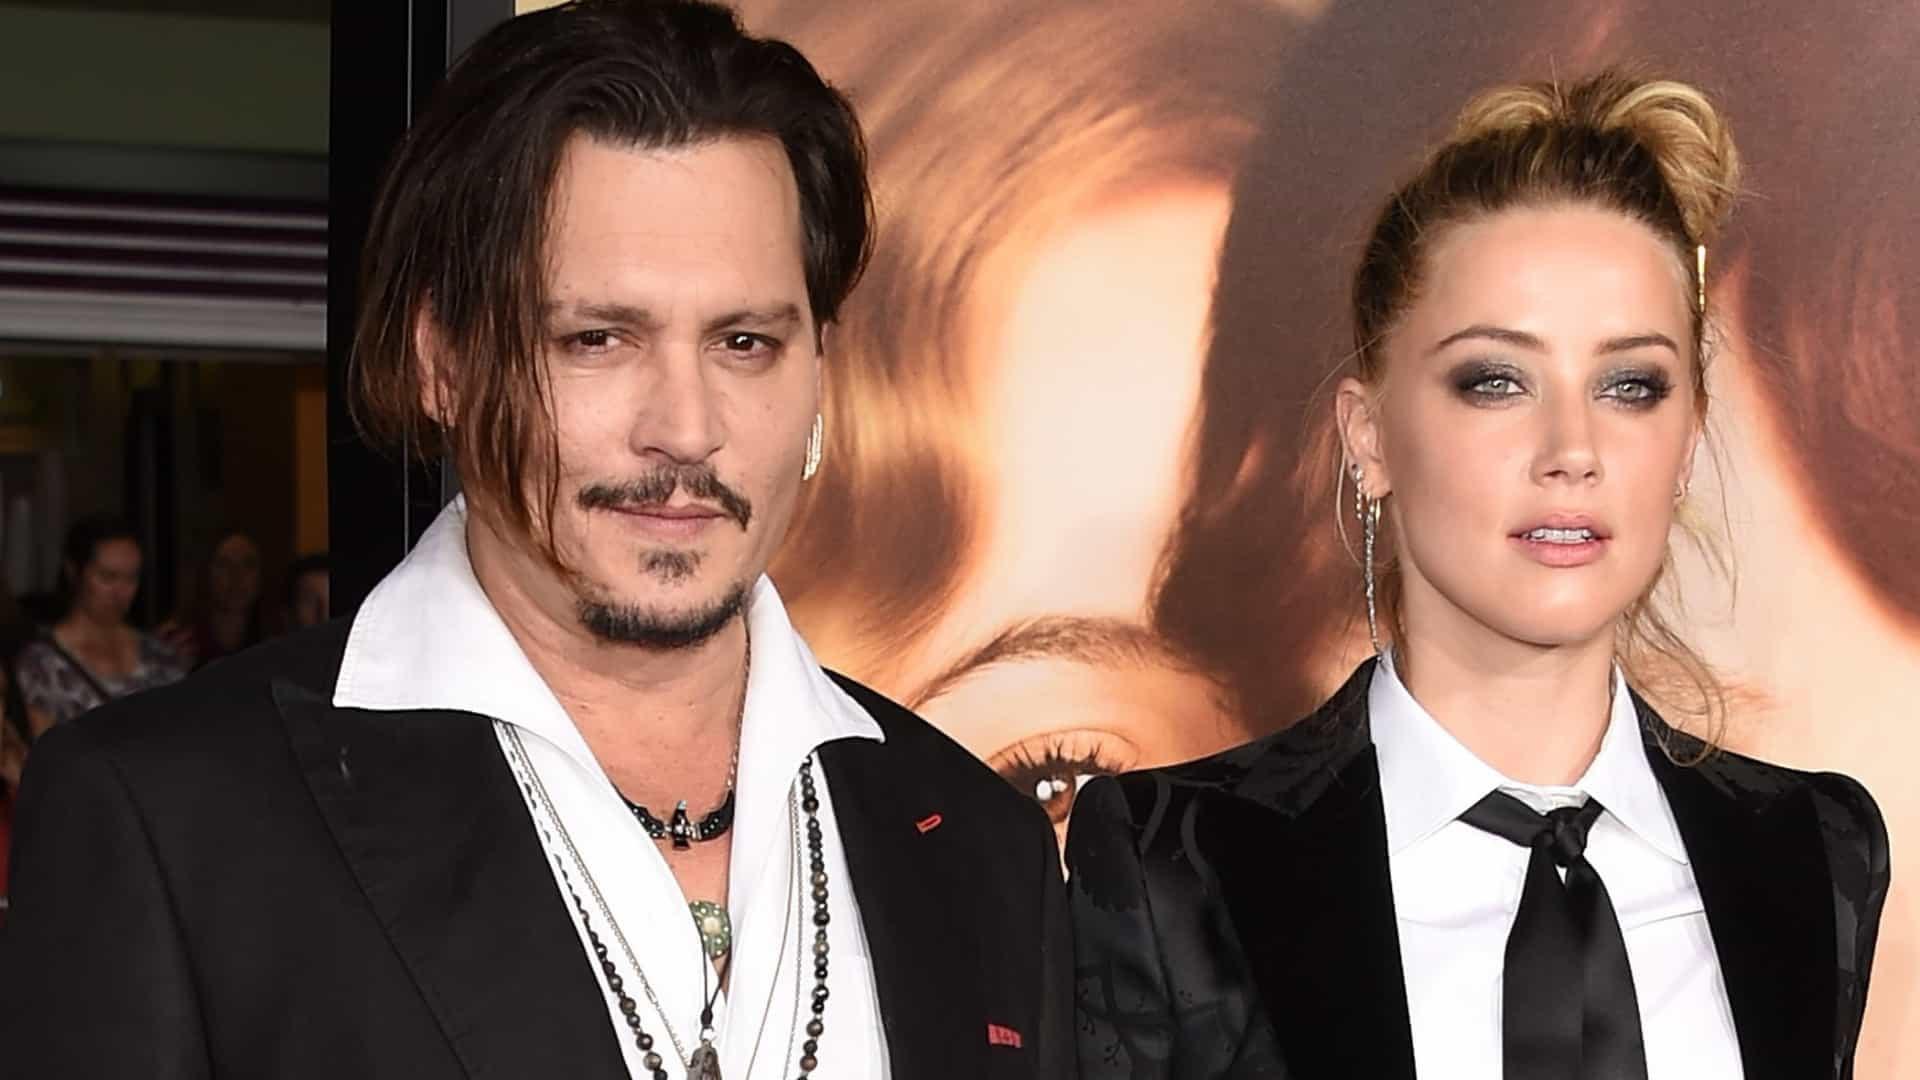 Processo de Johnny Depp contra Amber Heard é adiado por falta de provas